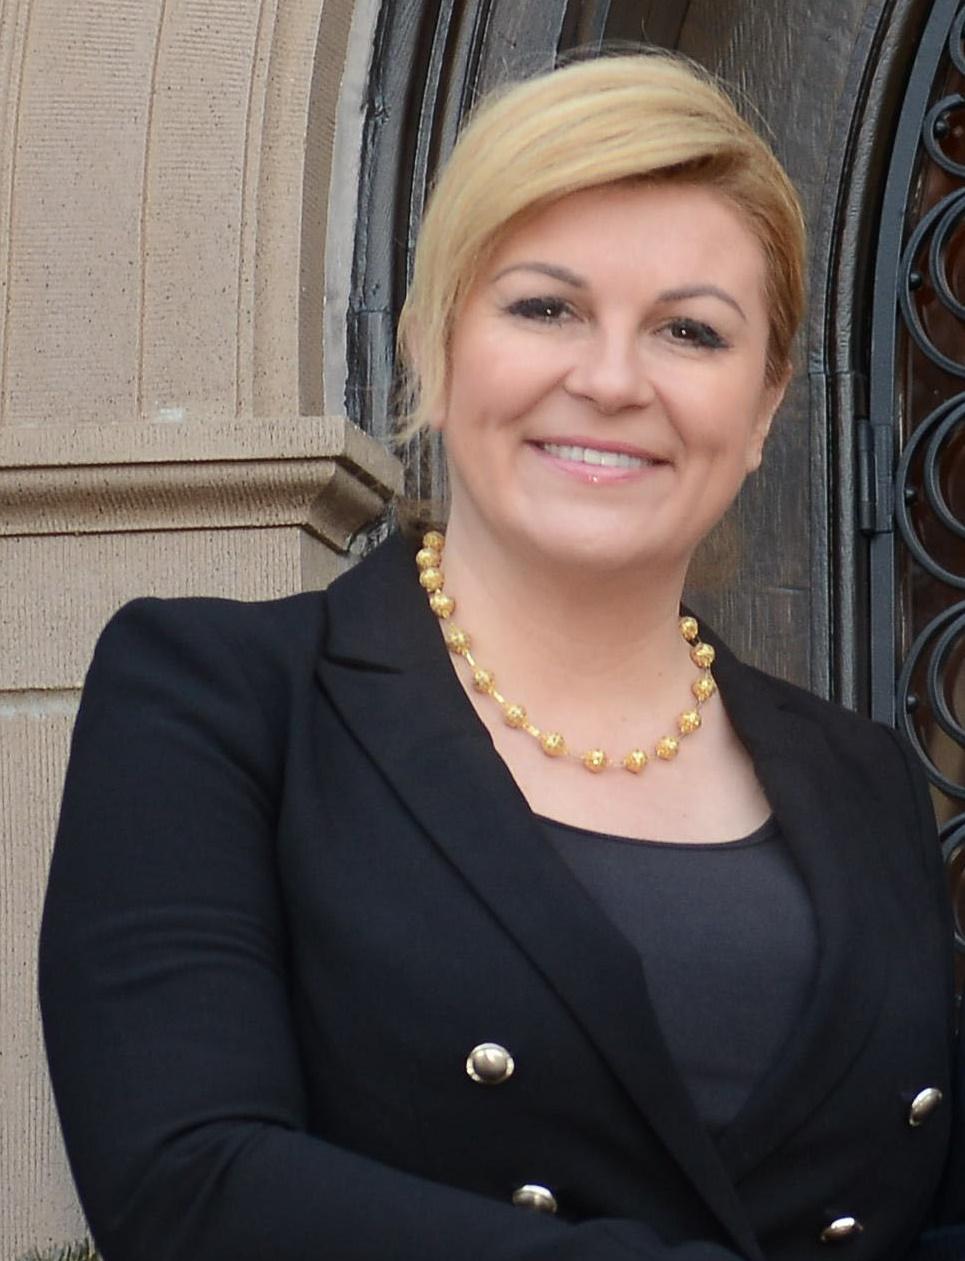 Image Result For Kolinda Grabar Kitarovic Wikipedia